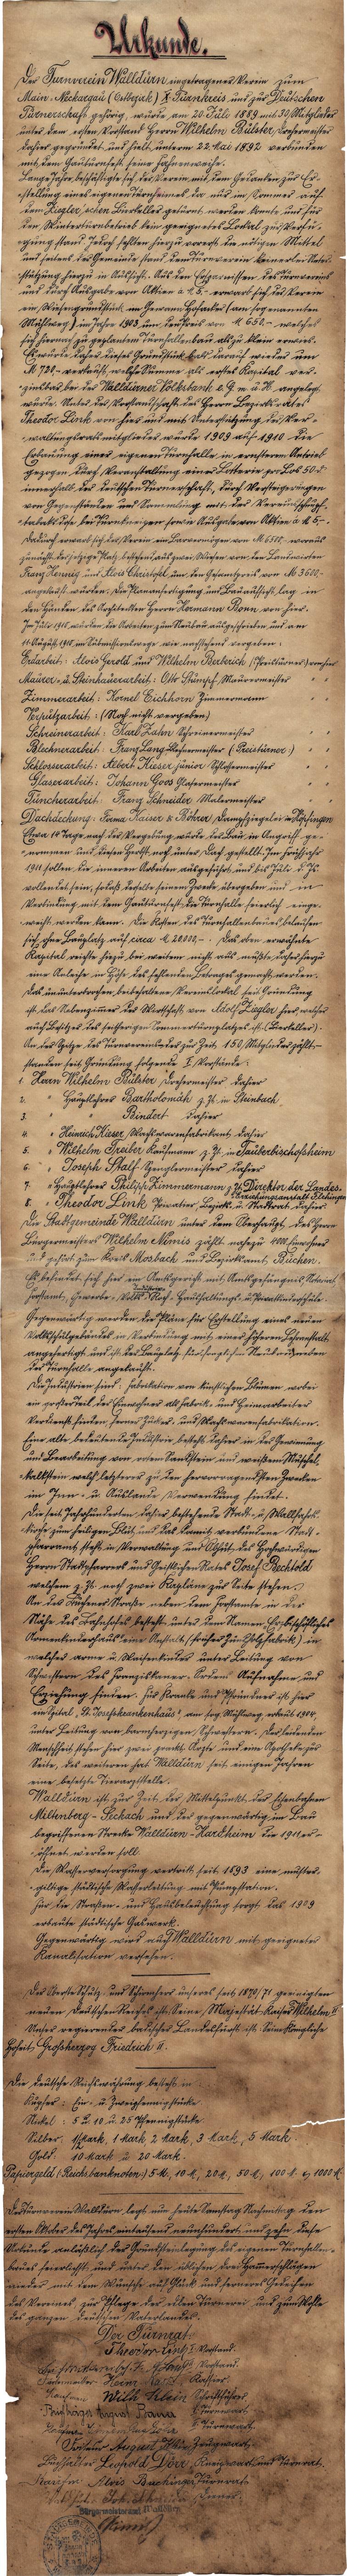 Urkunde aus dem Zeitkapselfund Turnhalle Keimstrasse